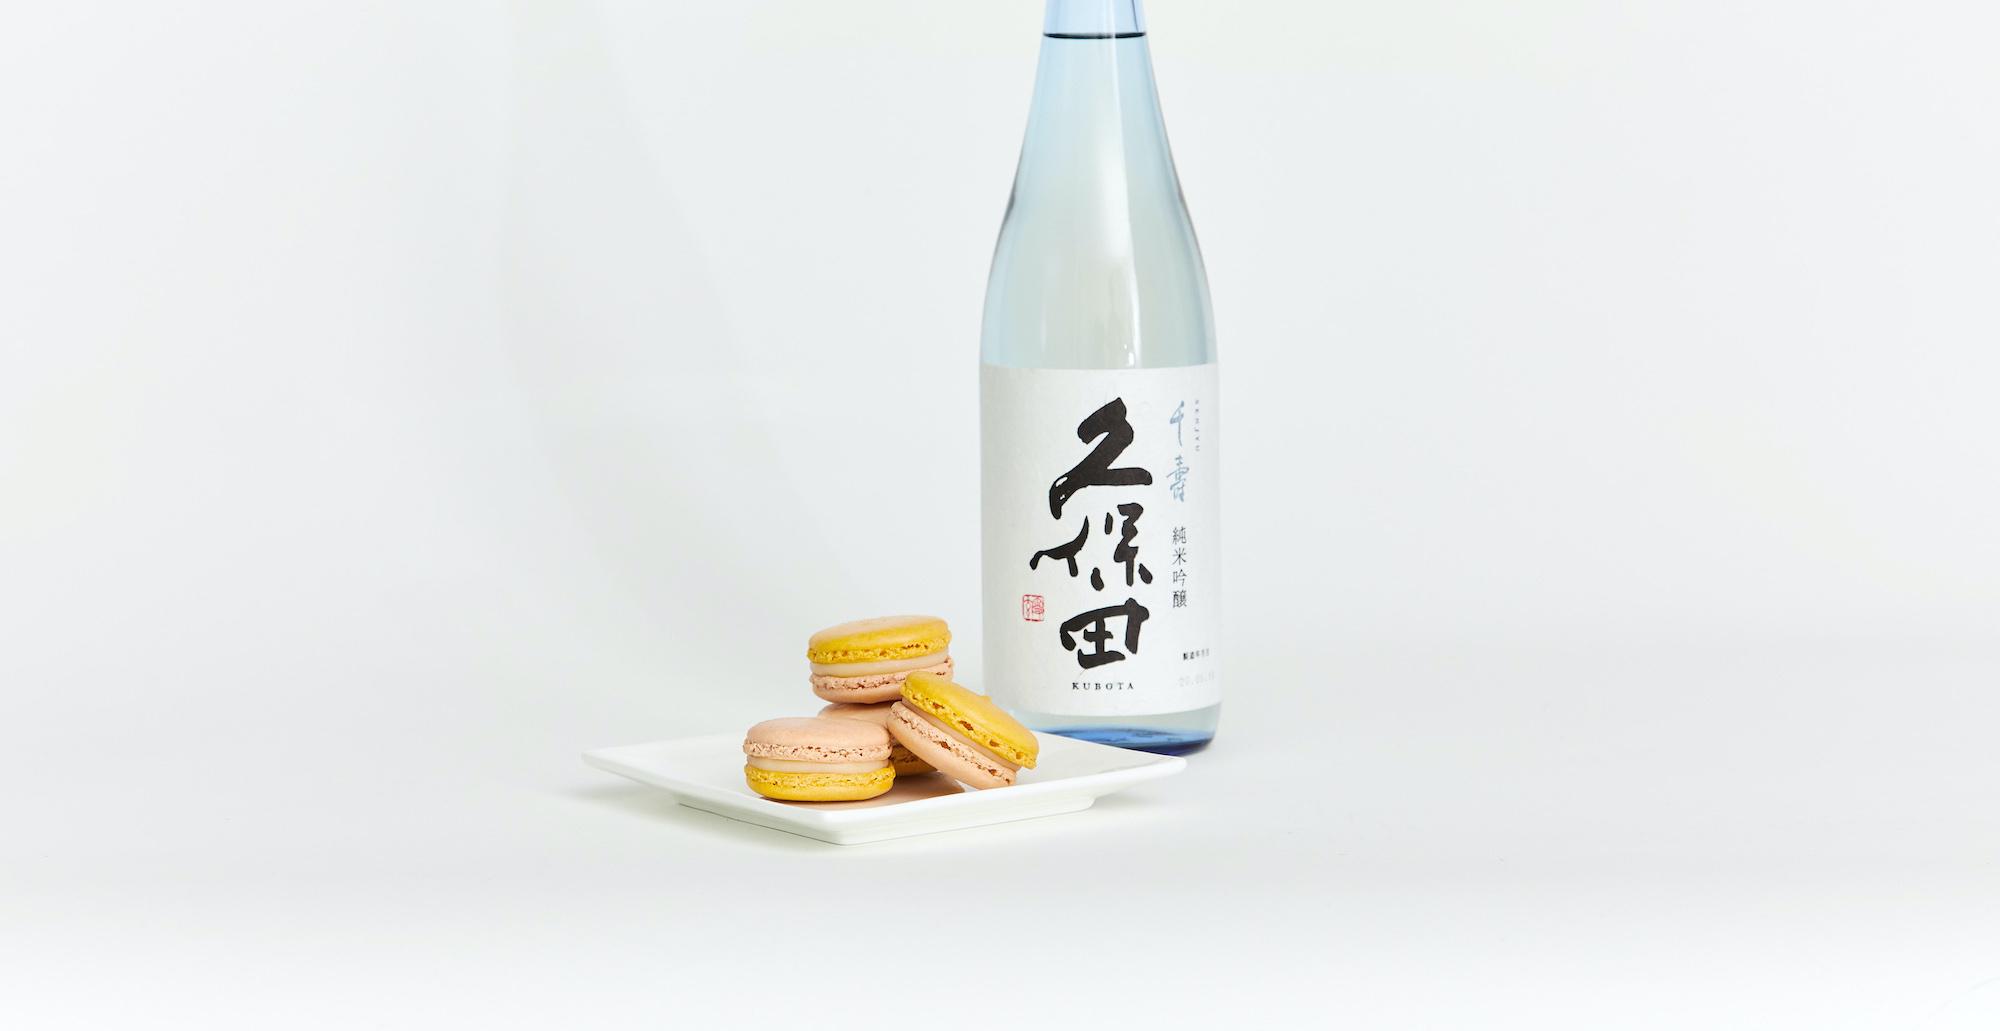 スイーツライターchicoさんがセレクト!日本酒にぴったりなスイーツカタログ